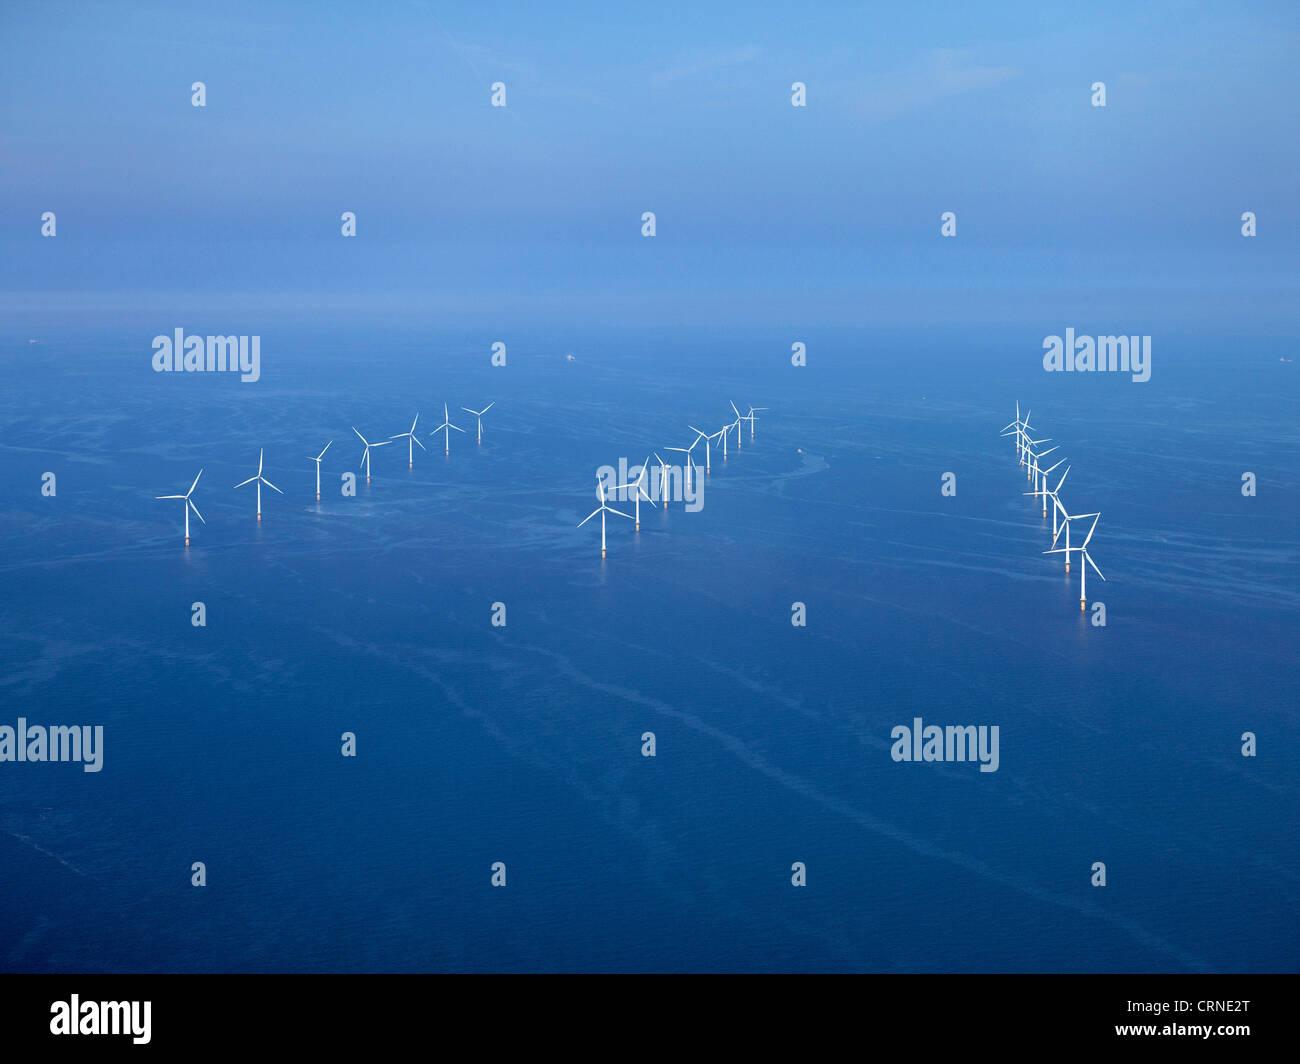 Parque eólico off shore, frente a la Bahía de Liverpool Wirral, al Noroeste de Inglaterra Imagen De Stock